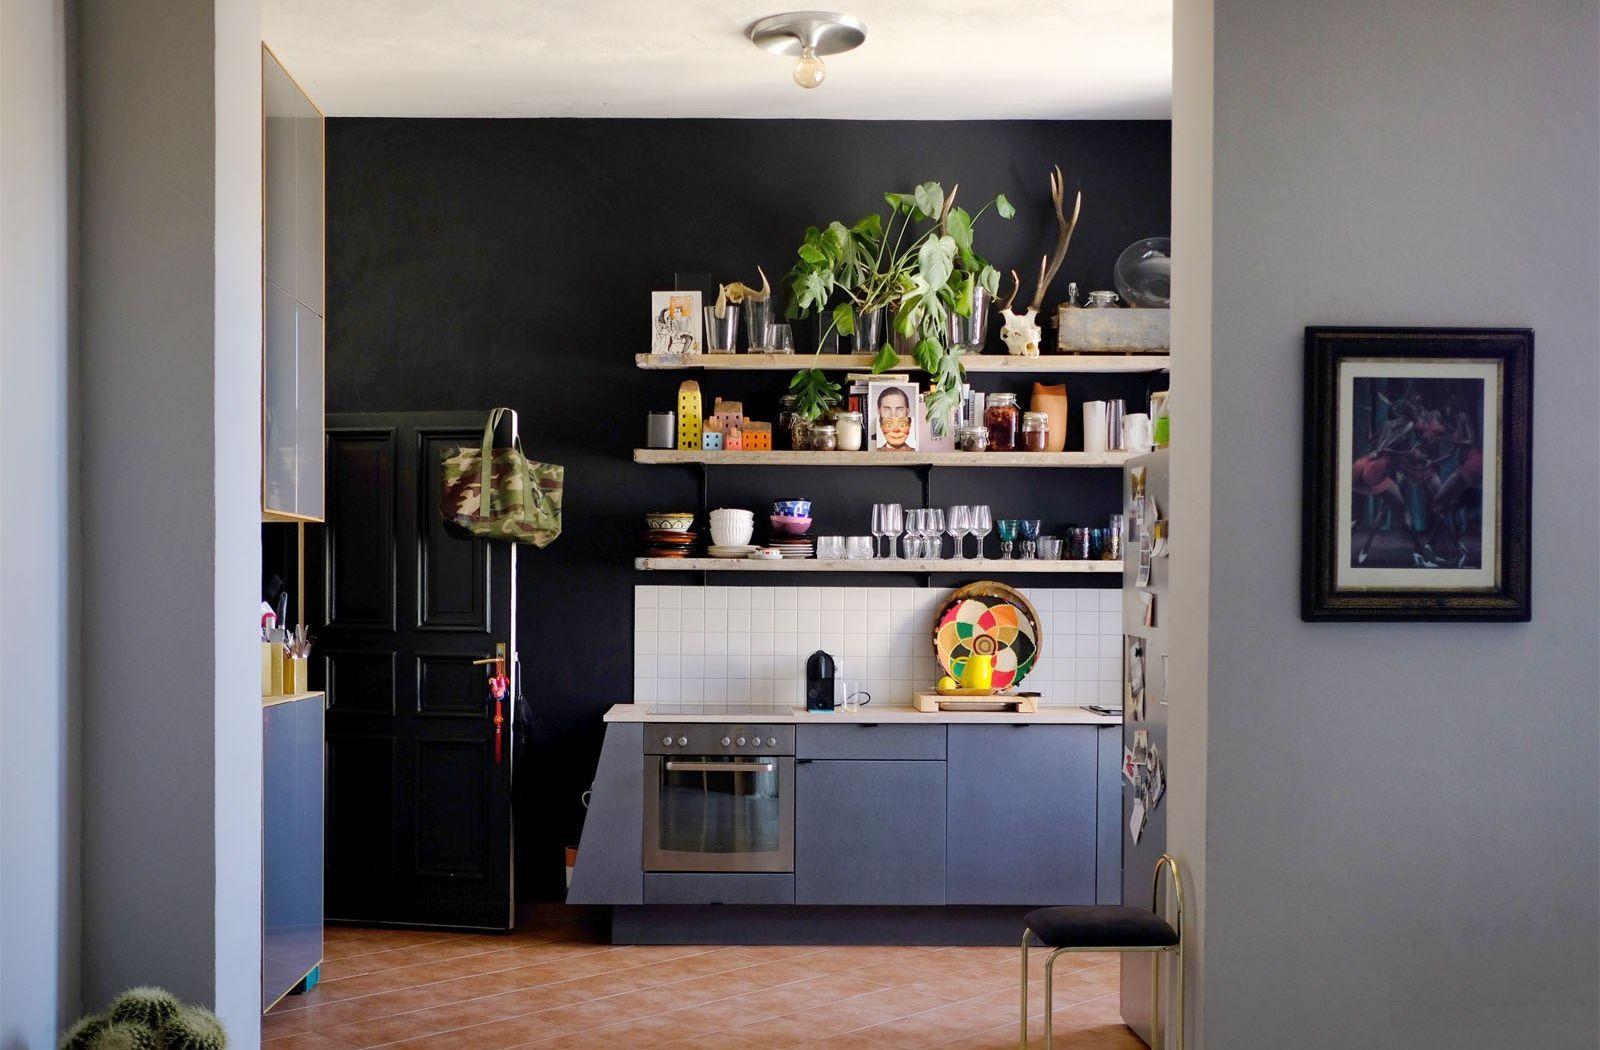 Blick In Die Küche U2013 Wände In Railings (Fu0026B), Vom Tischler Angefertigte  Fronten